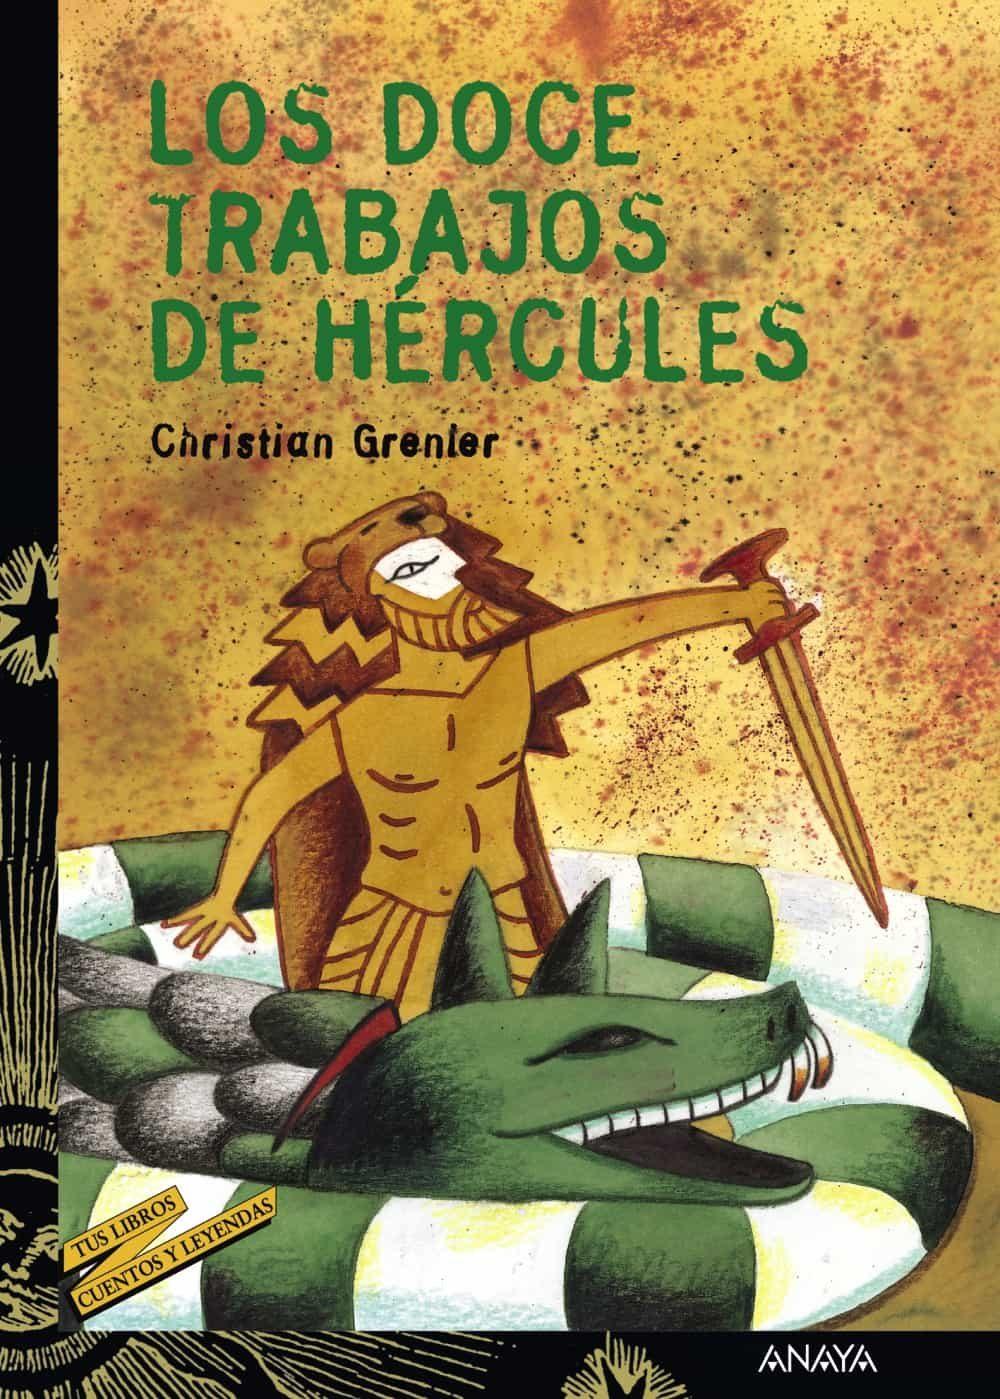 Los Doce Trabajos De Hercules por Christian Grenier